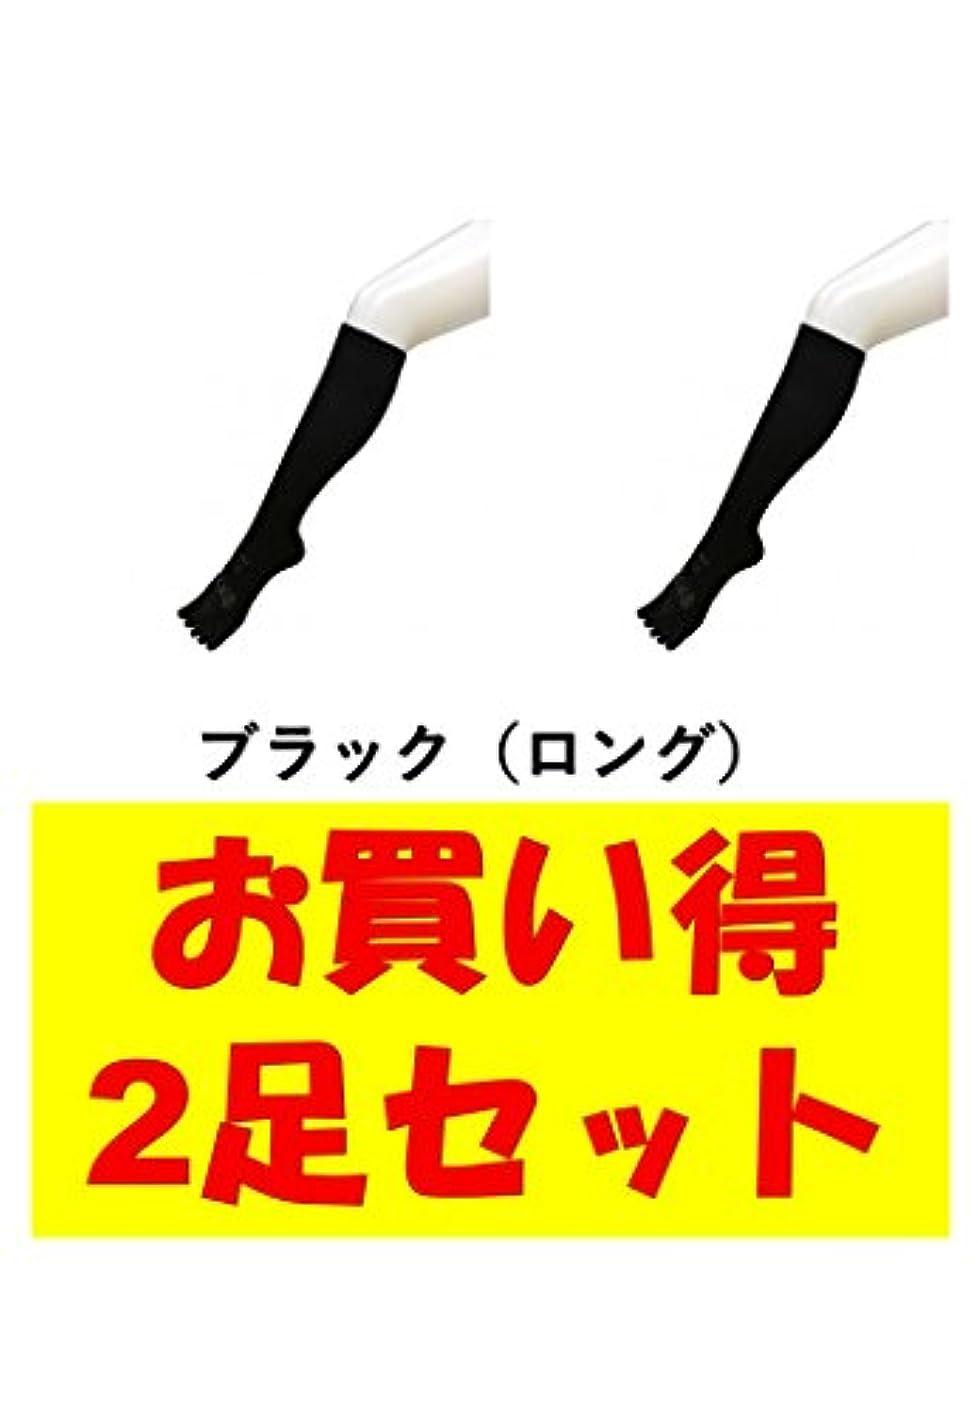 出口椅子独占お買い得2足セット 5本指 ゆびのばソックス ゆびのばロング ブラック 男性用 25.5cm-28.0cm HSLONG-BLK